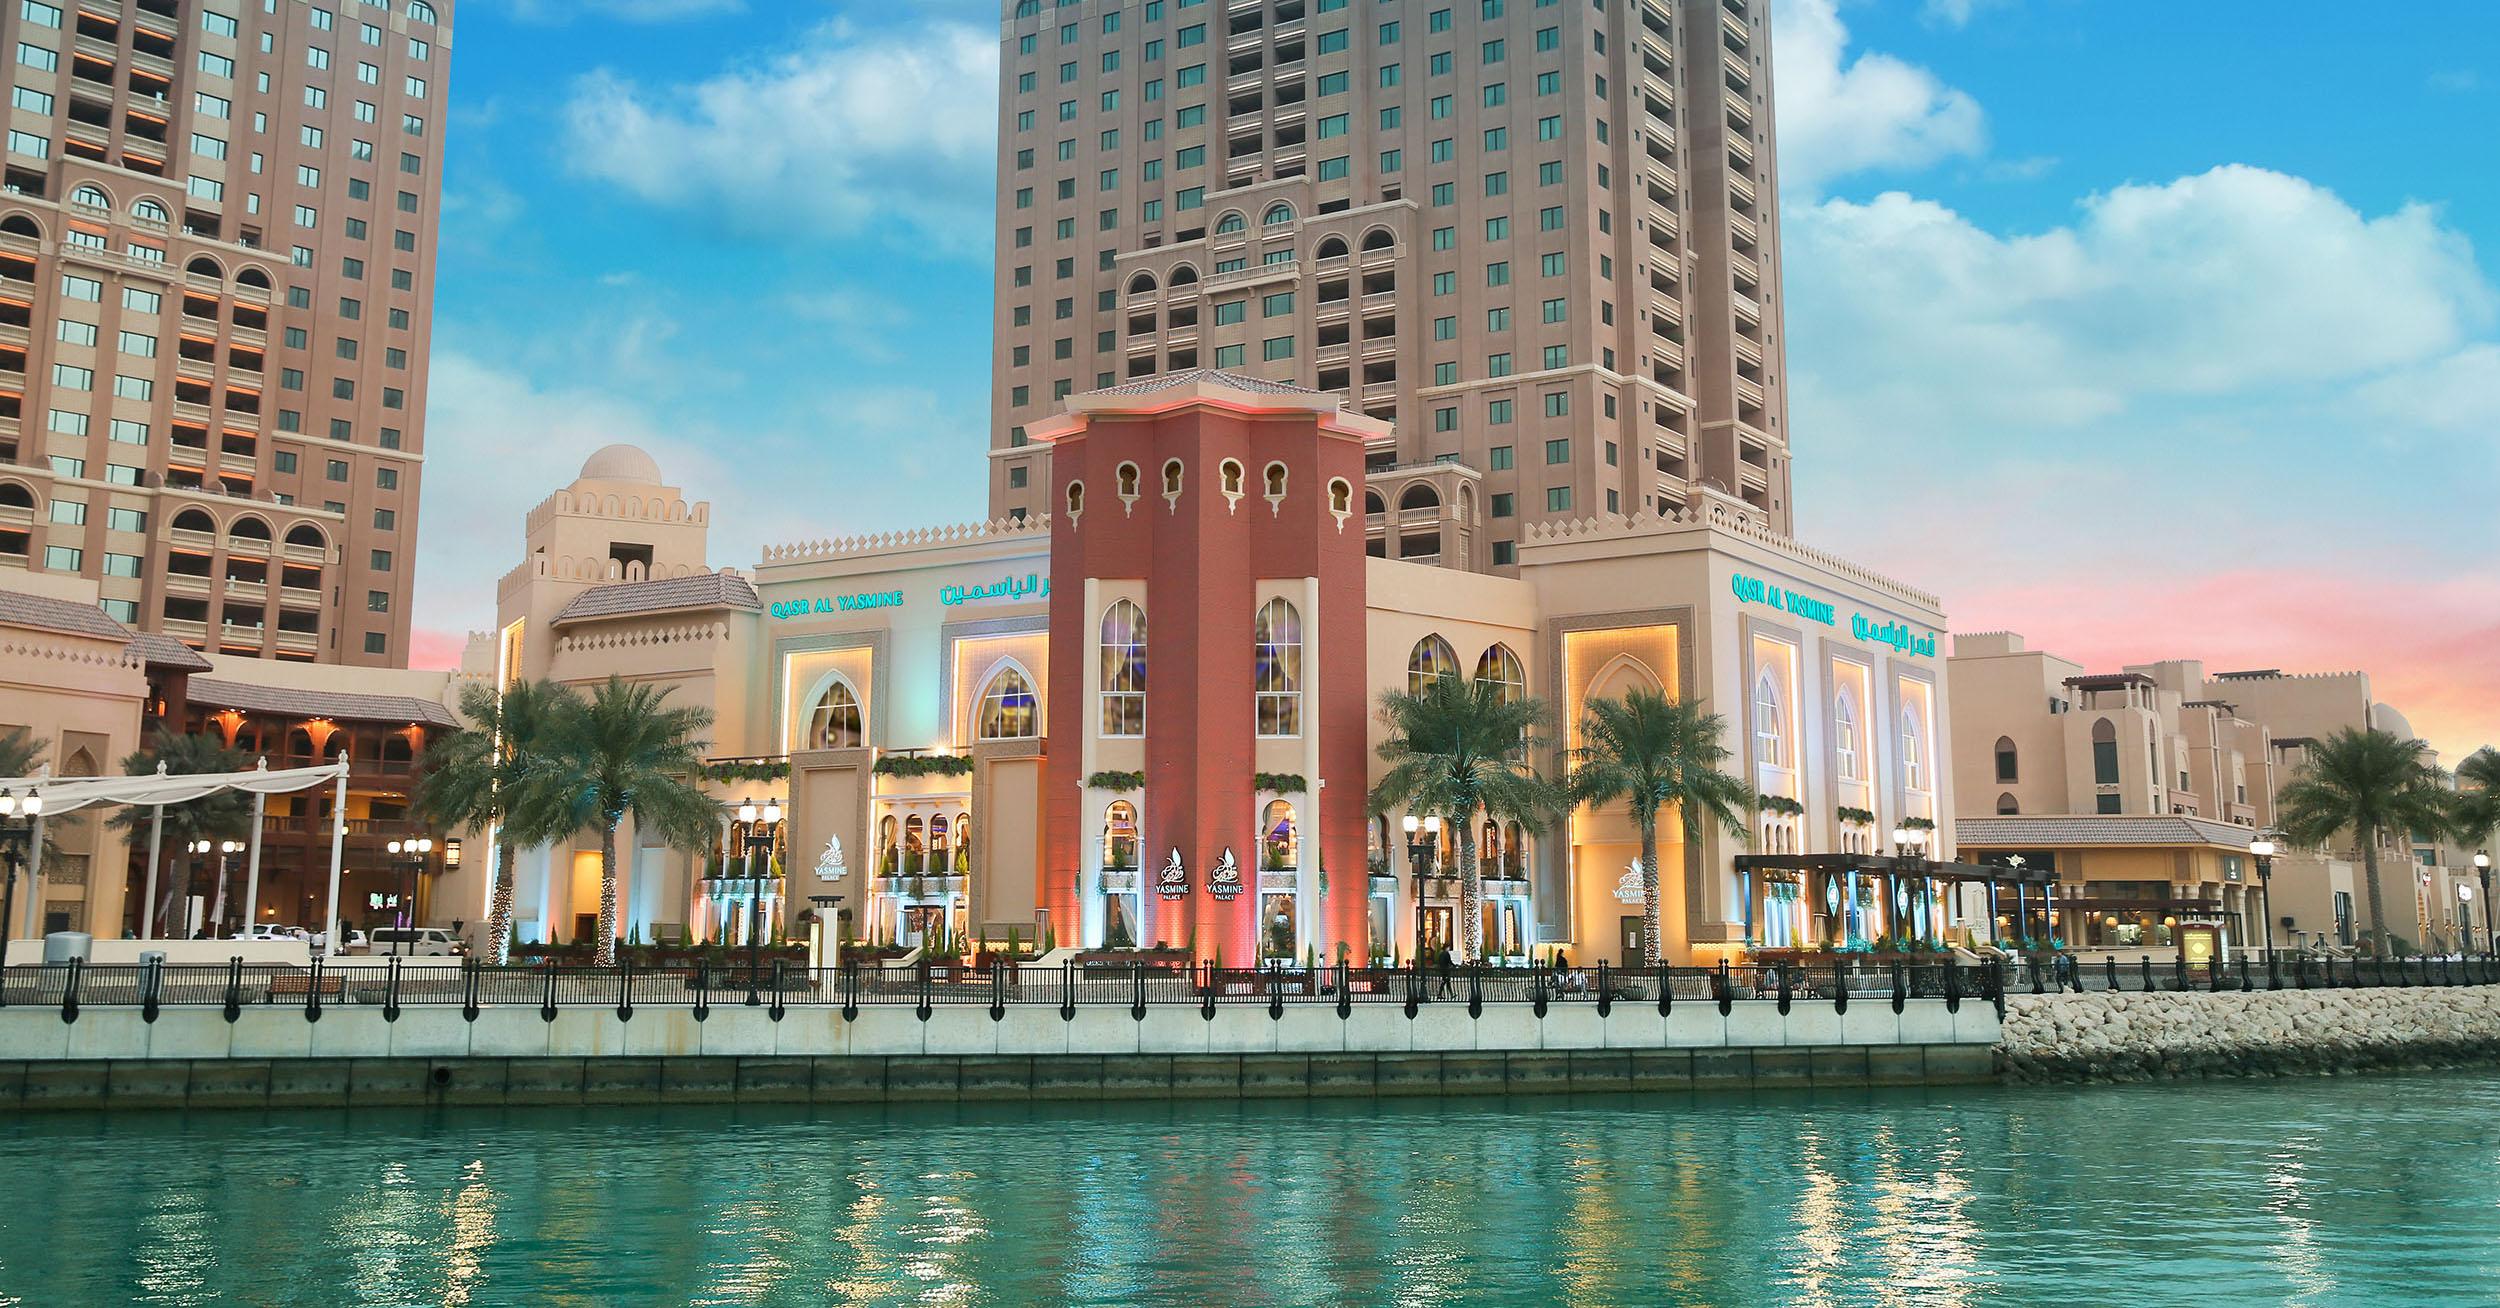 , Contact Us, YASMINE PALACE - مطعم قصر الياسمين, YASMINE PALACE - مطعم قصر الياسمين